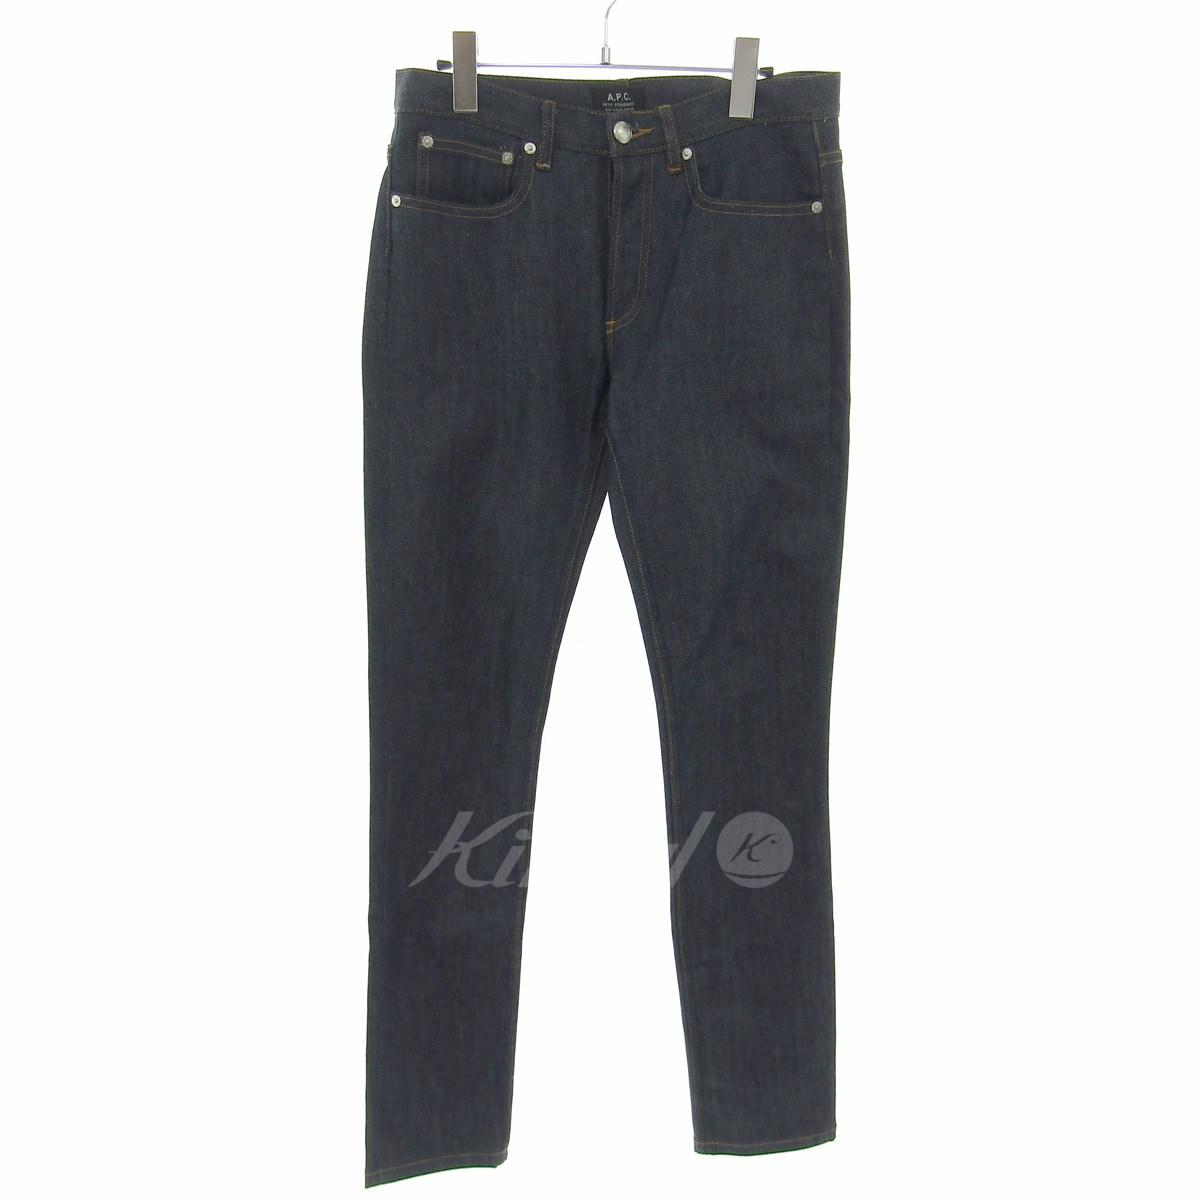 【中古】A.P.C. PETIT STANDARD デニムパンツ 【011657】 【銅】